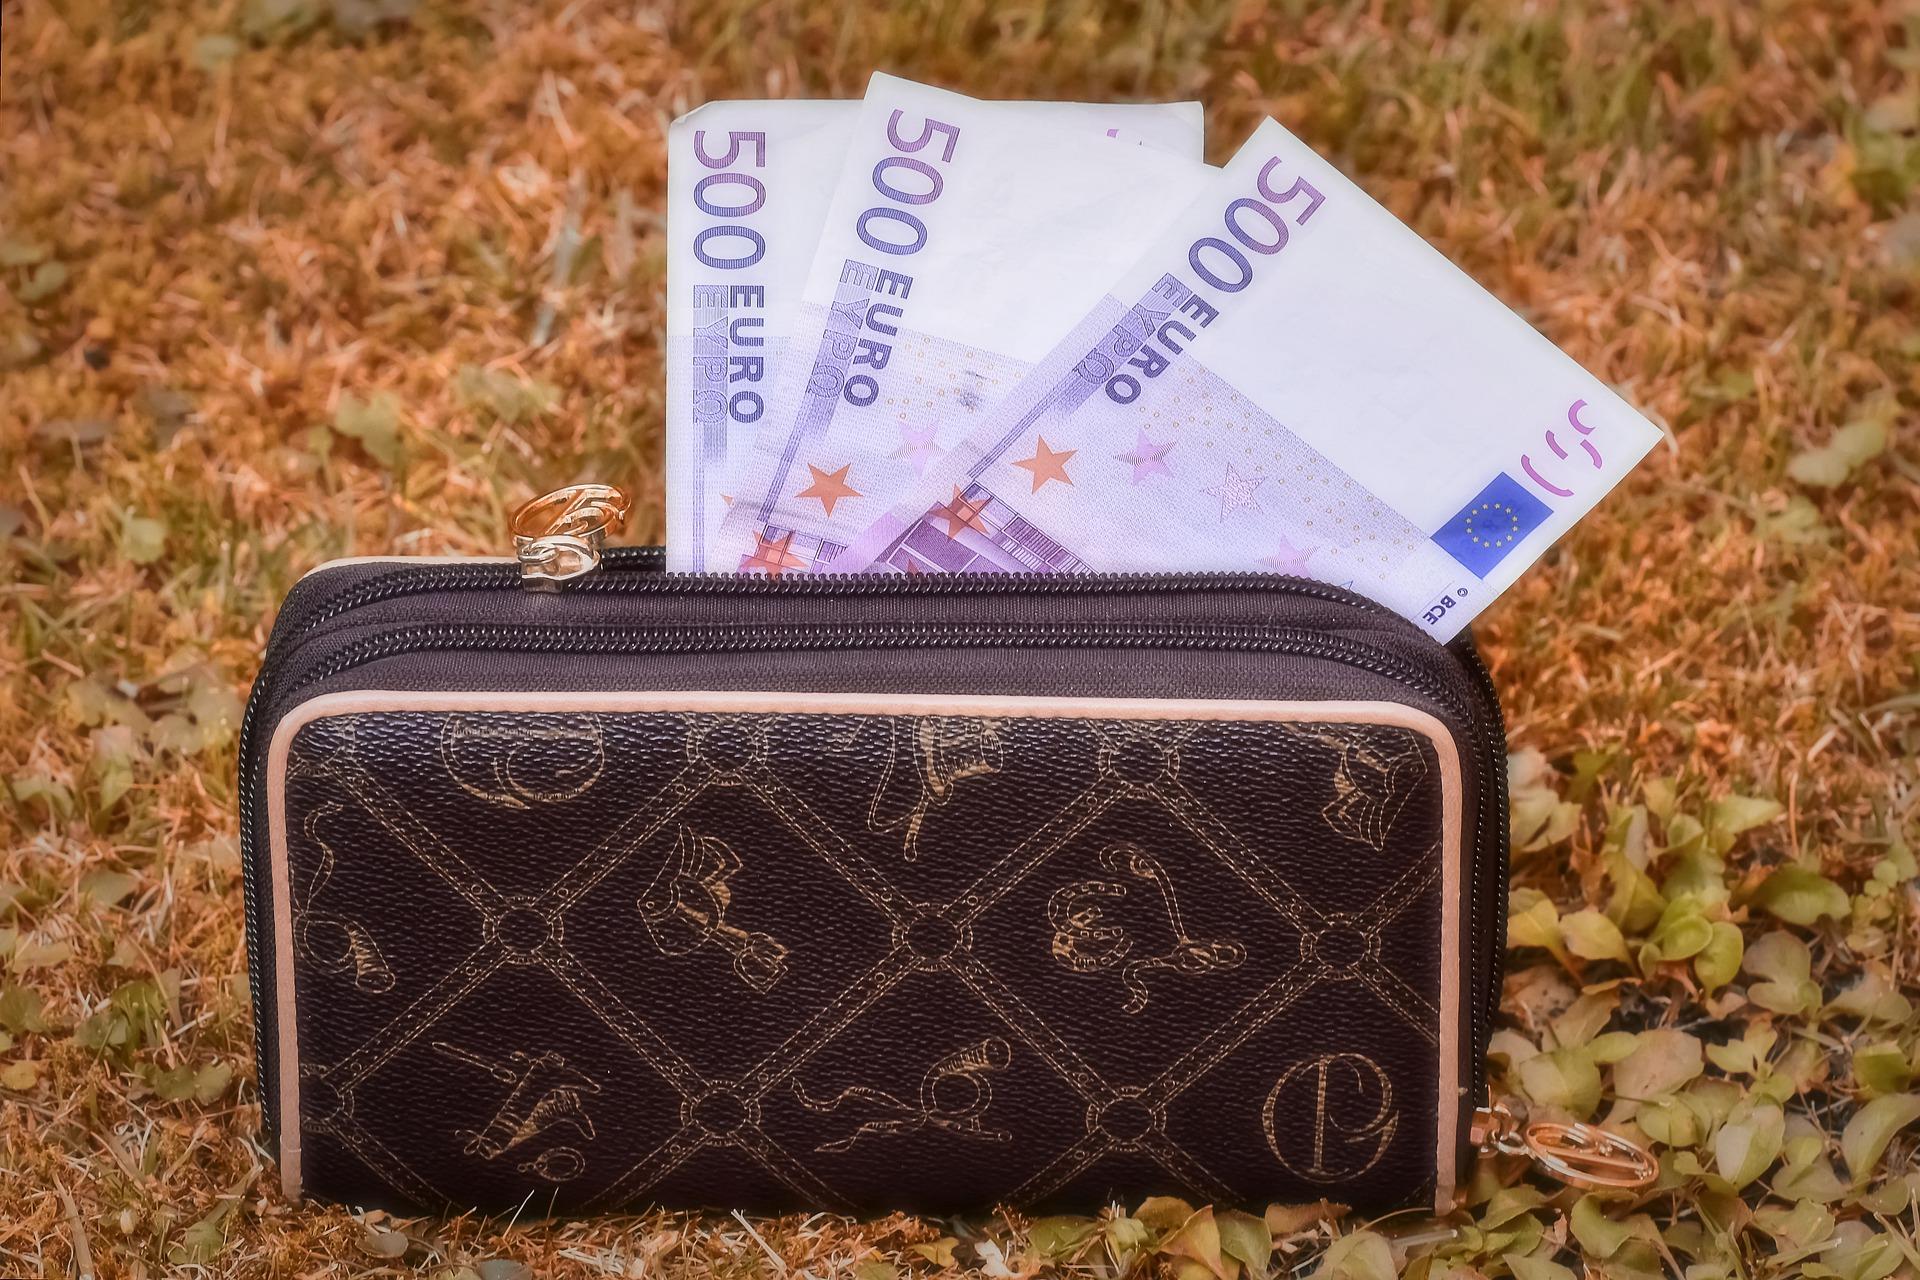 purse-4892433_1920